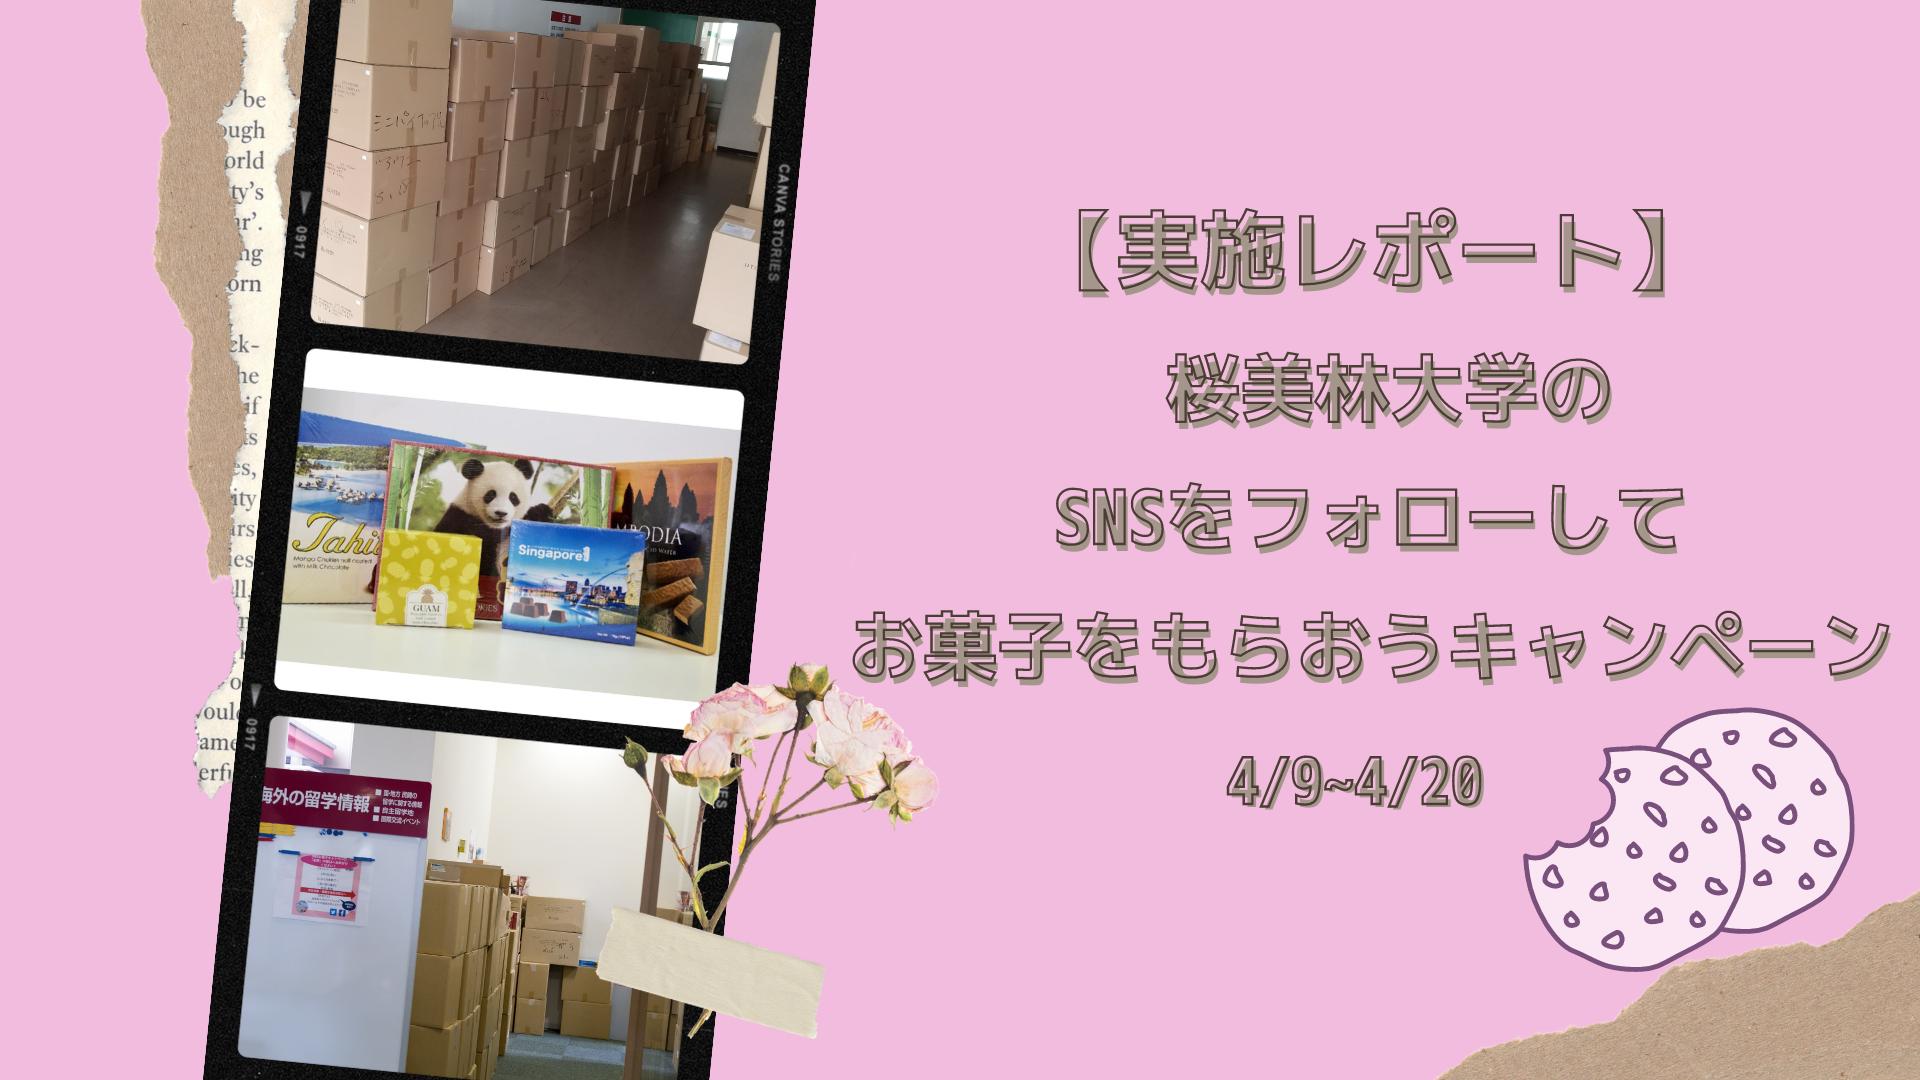 【実施レポ】桜美林大学のSNSをフォローしてお菓子をもらおう!